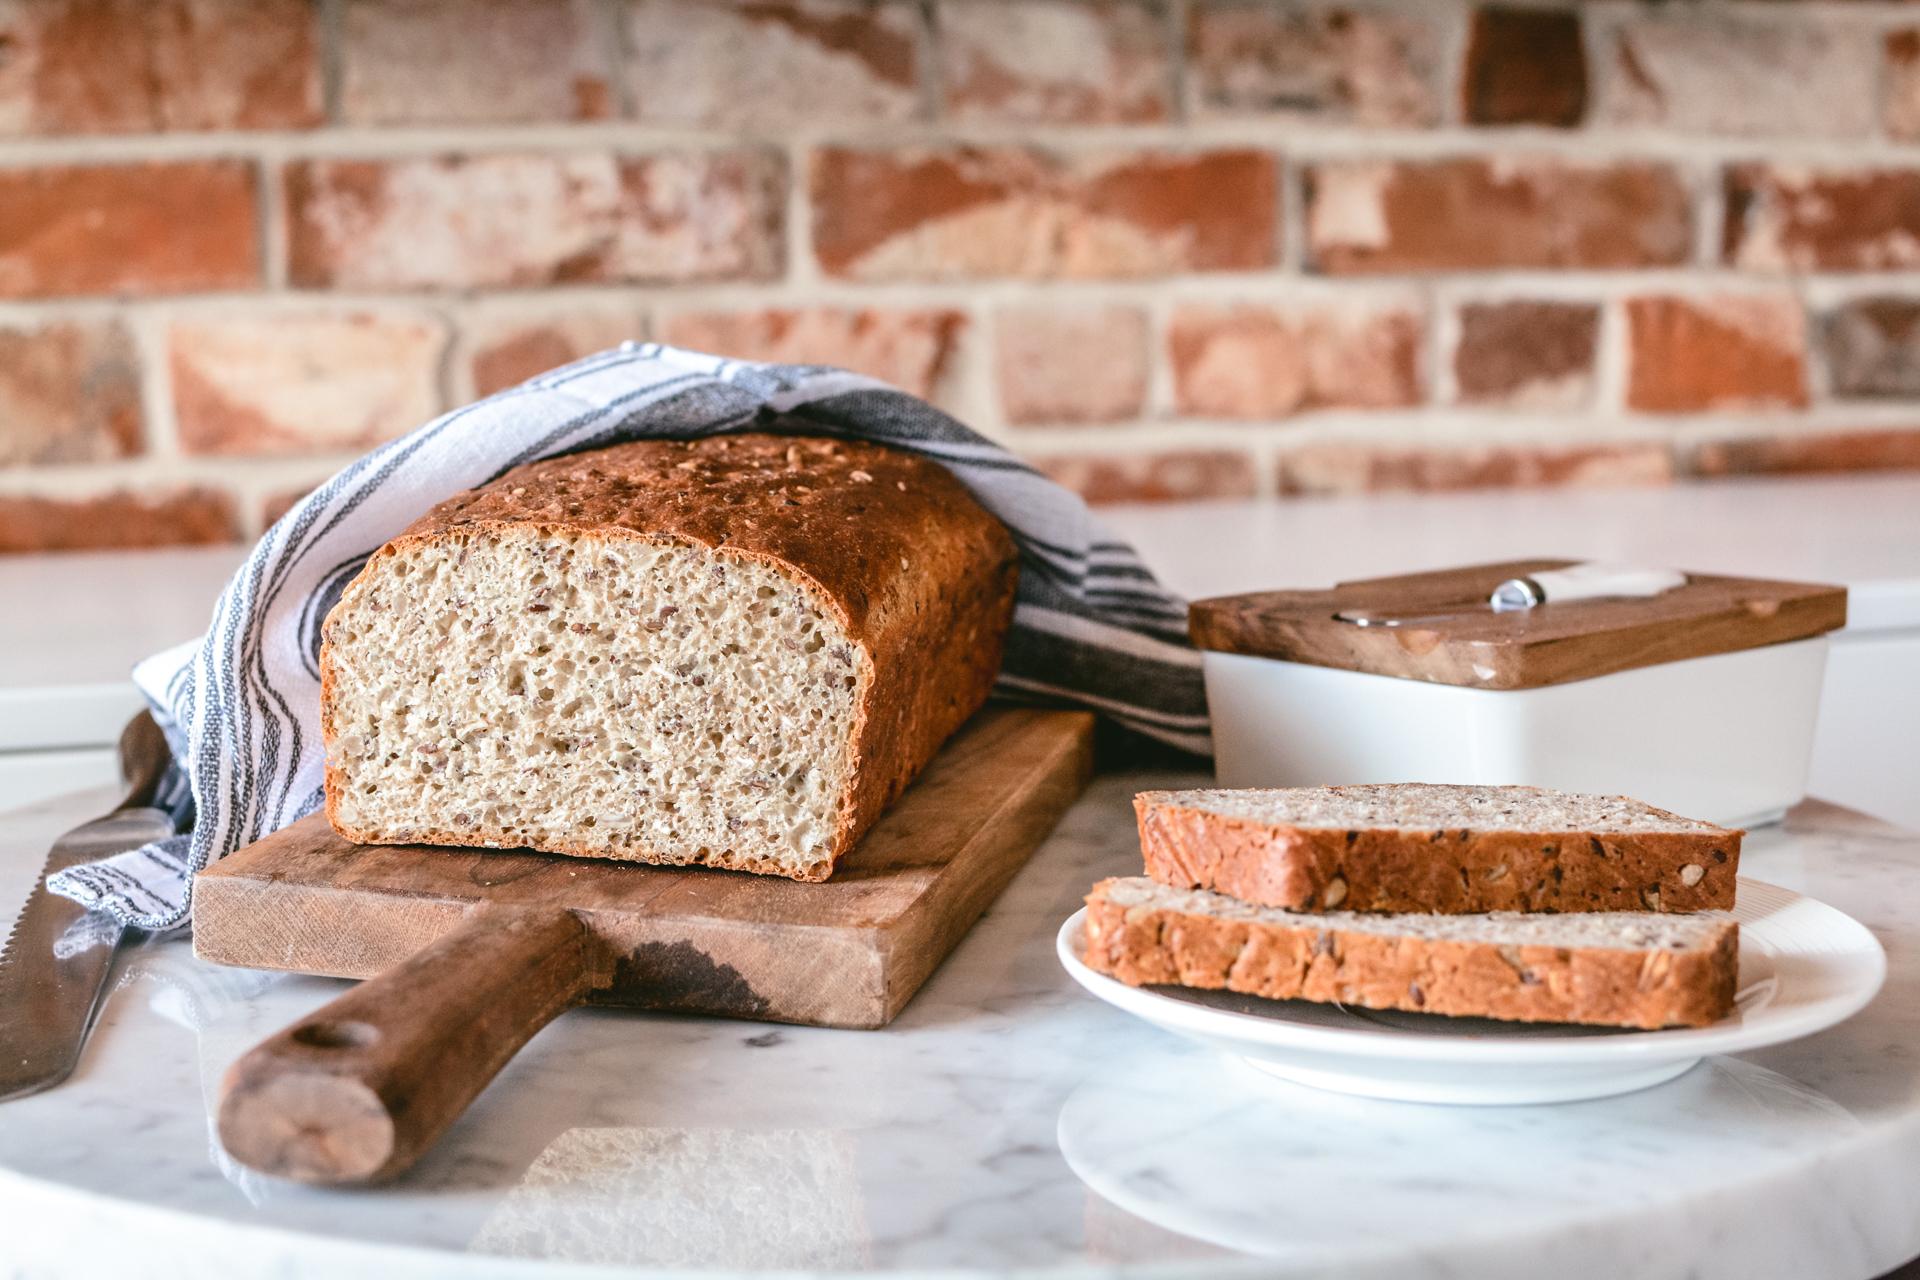 Chleb z siemieniem i słonecznikiem - na desce